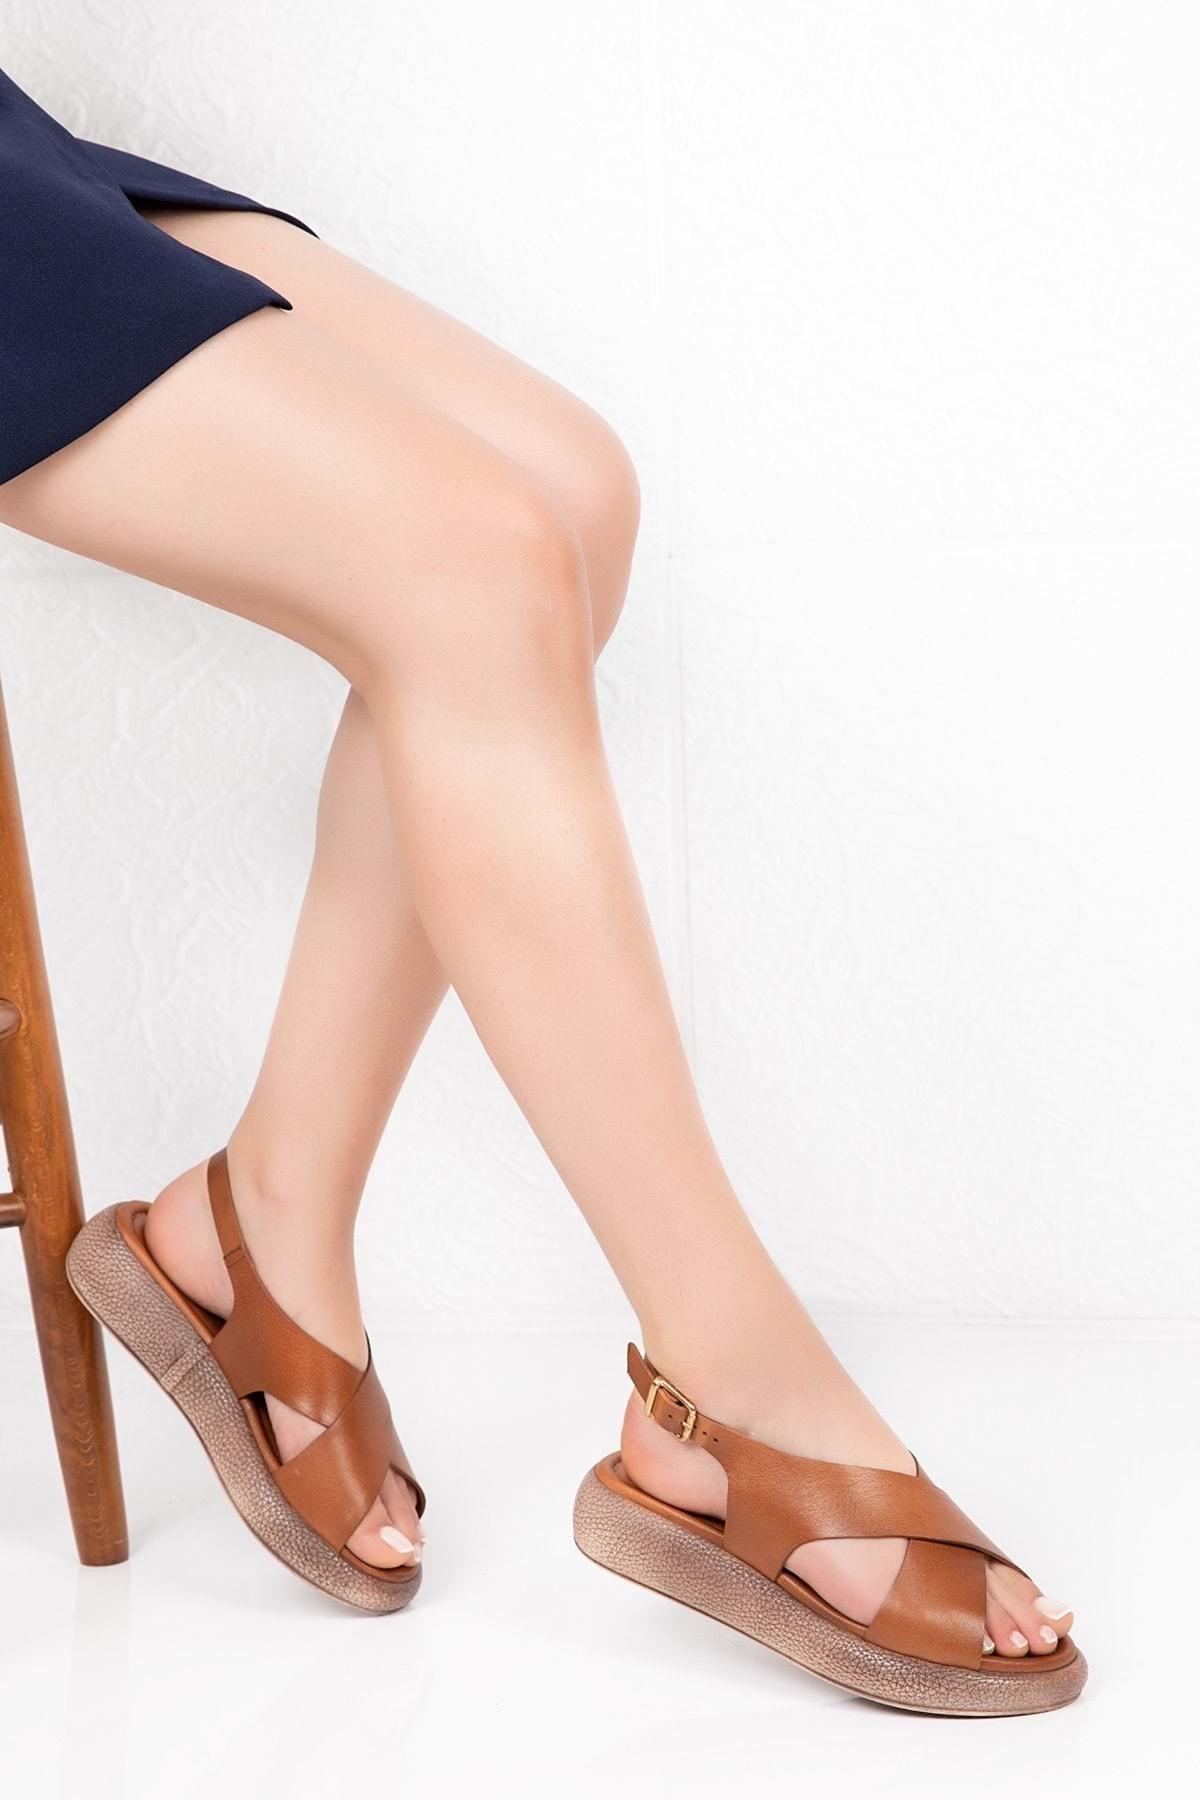 Gondol Kadın Taba Deri Anatomik Taban Sandalet 1